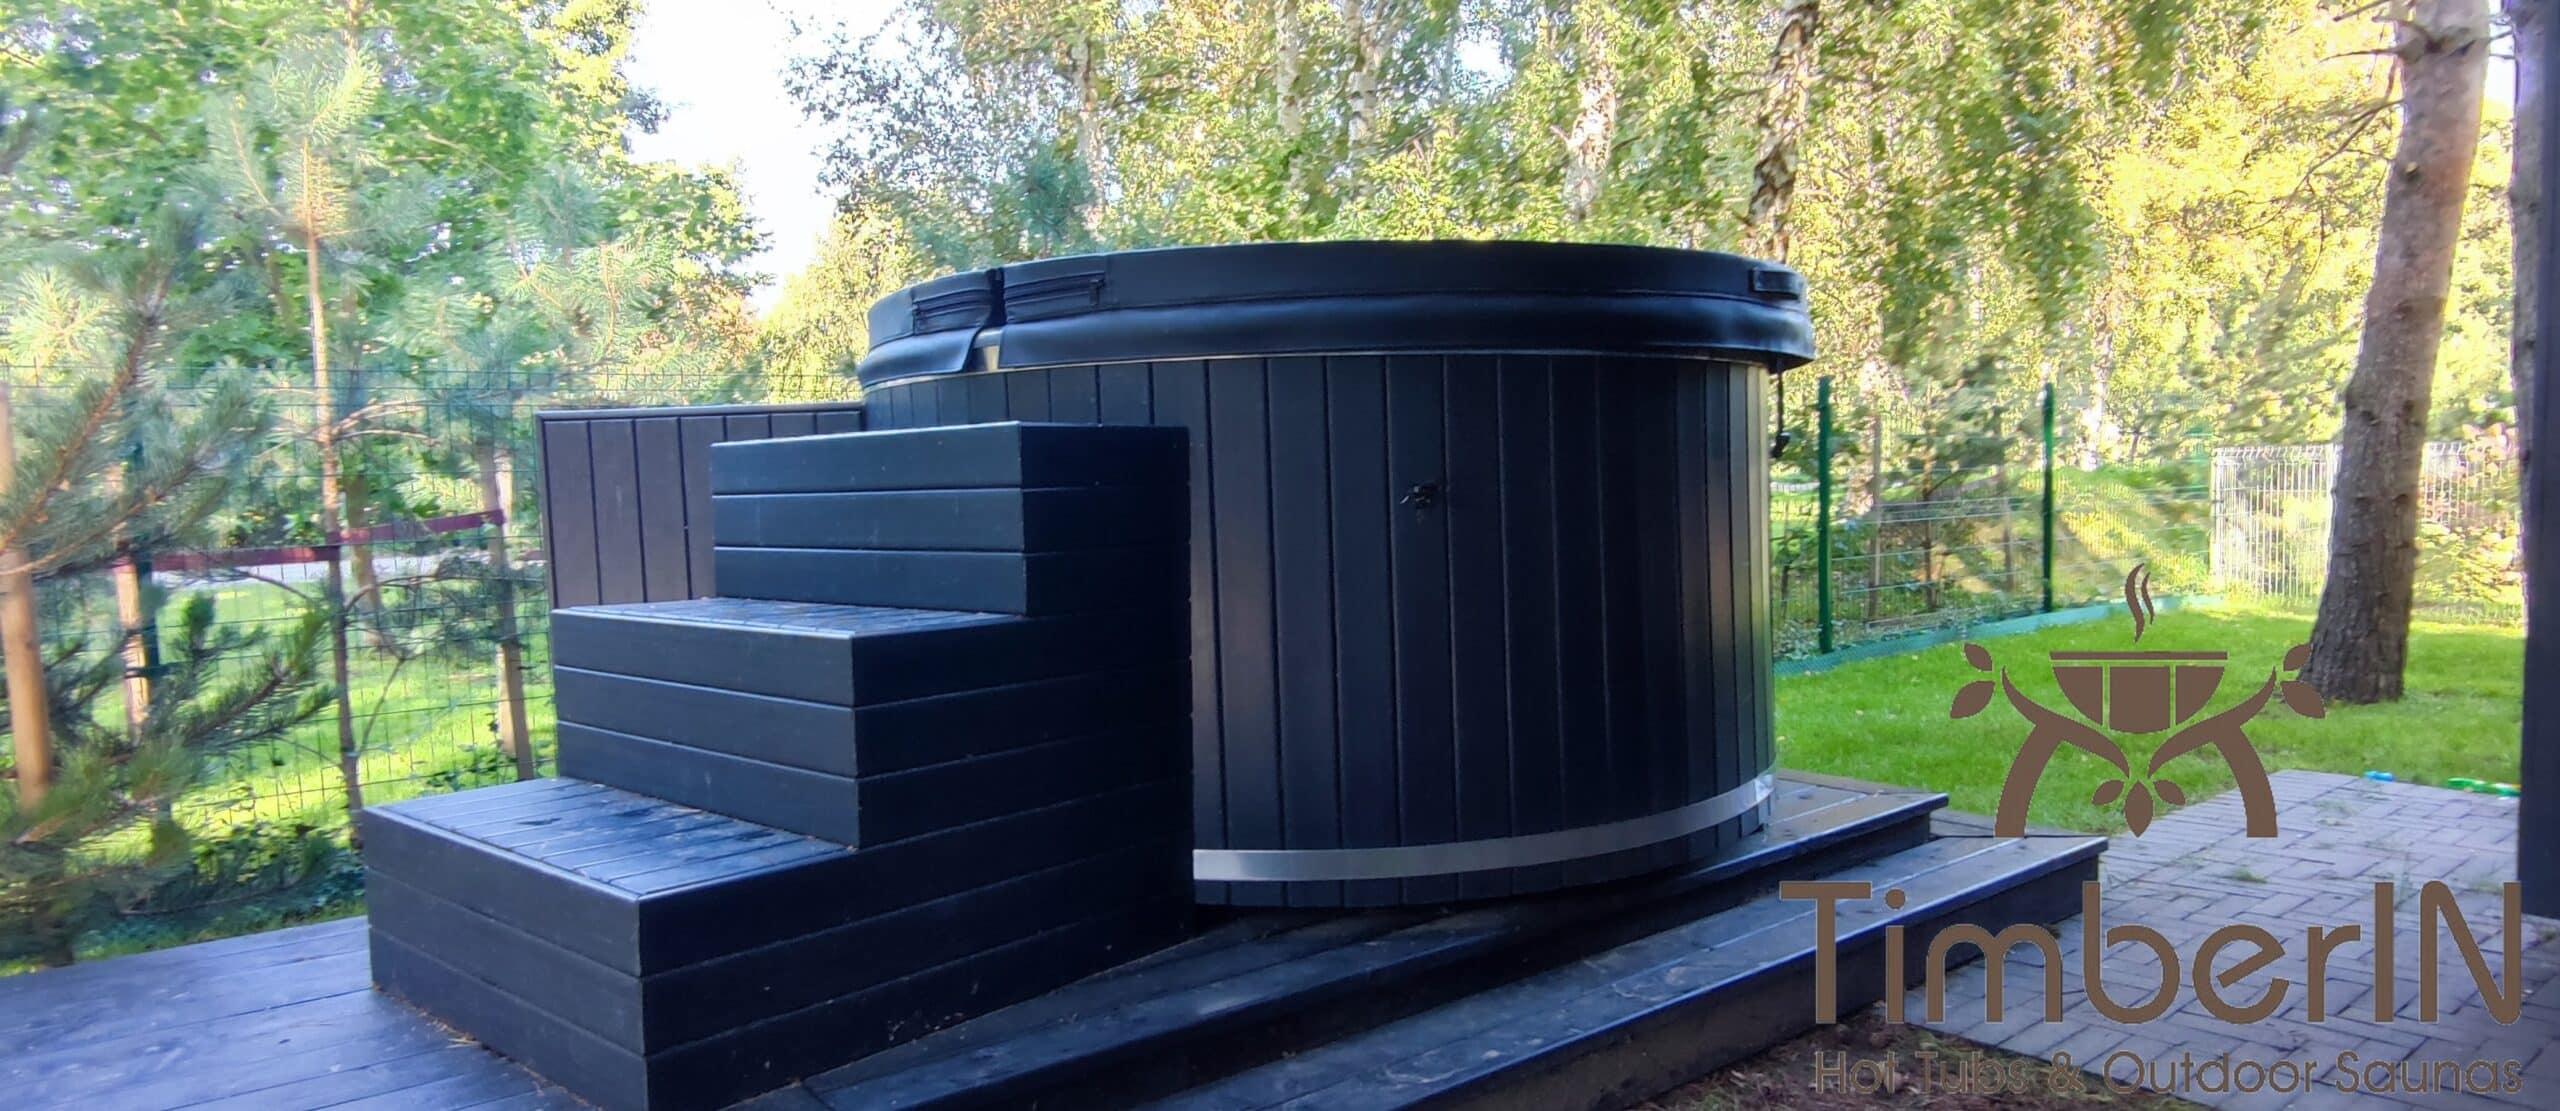 Badezuber elektrisch beheizt mit Elektroheizung 1 scaled